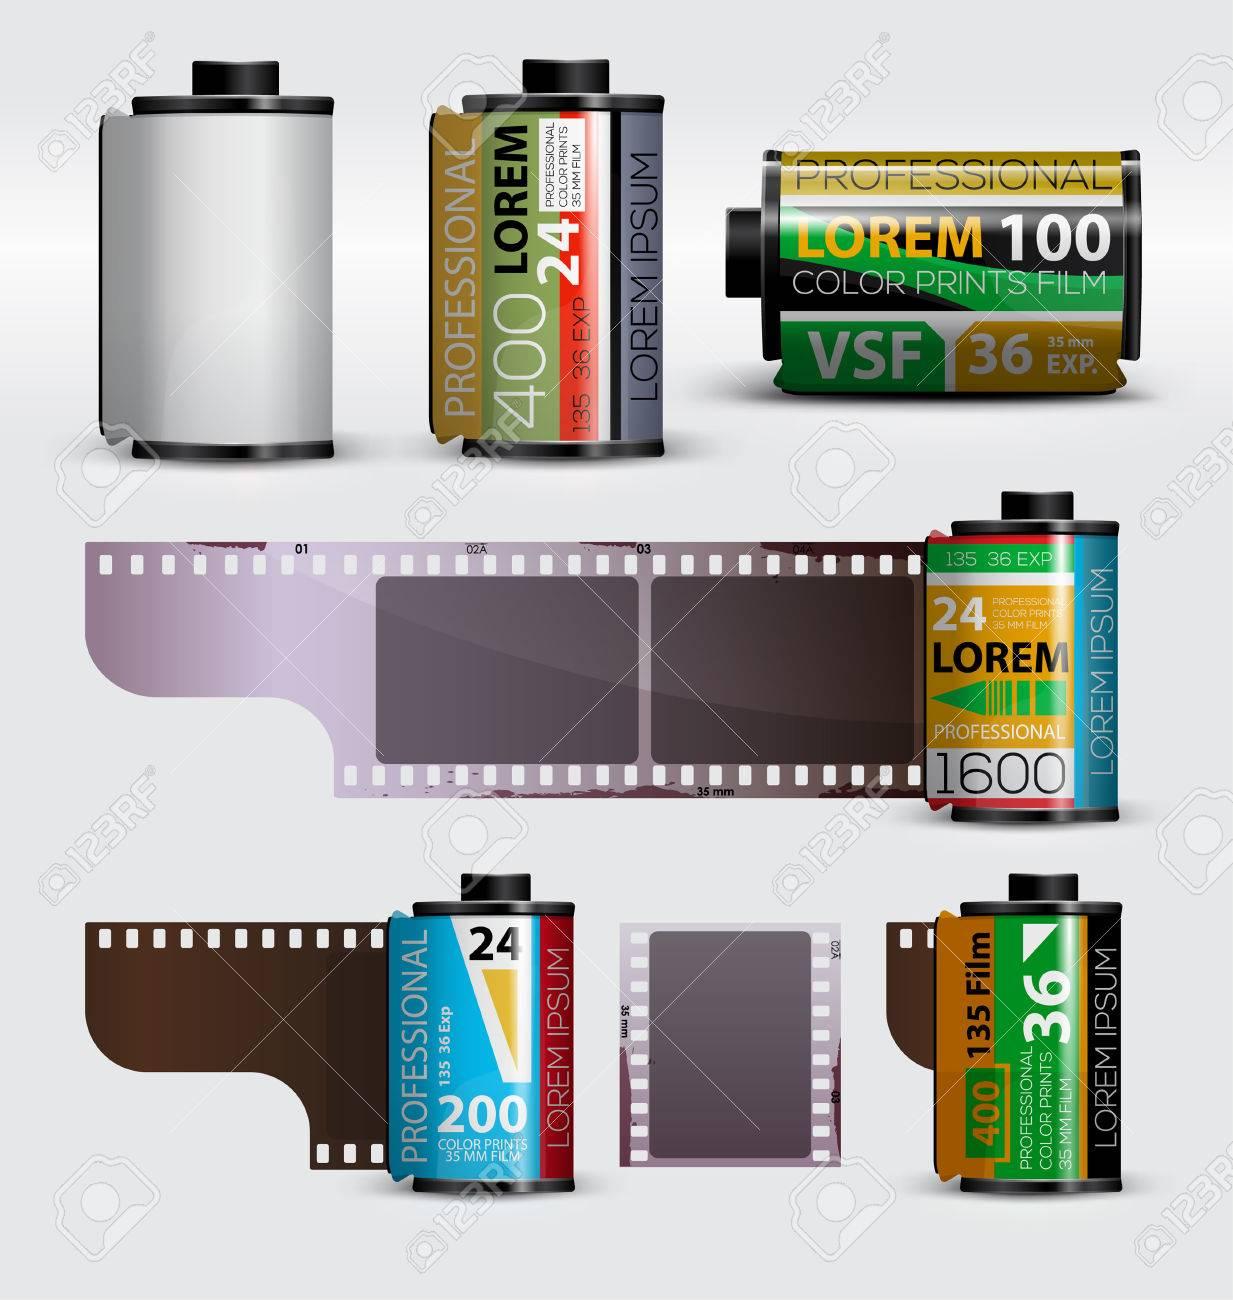 35mm film  Realistic camera film roll  Vector illustration